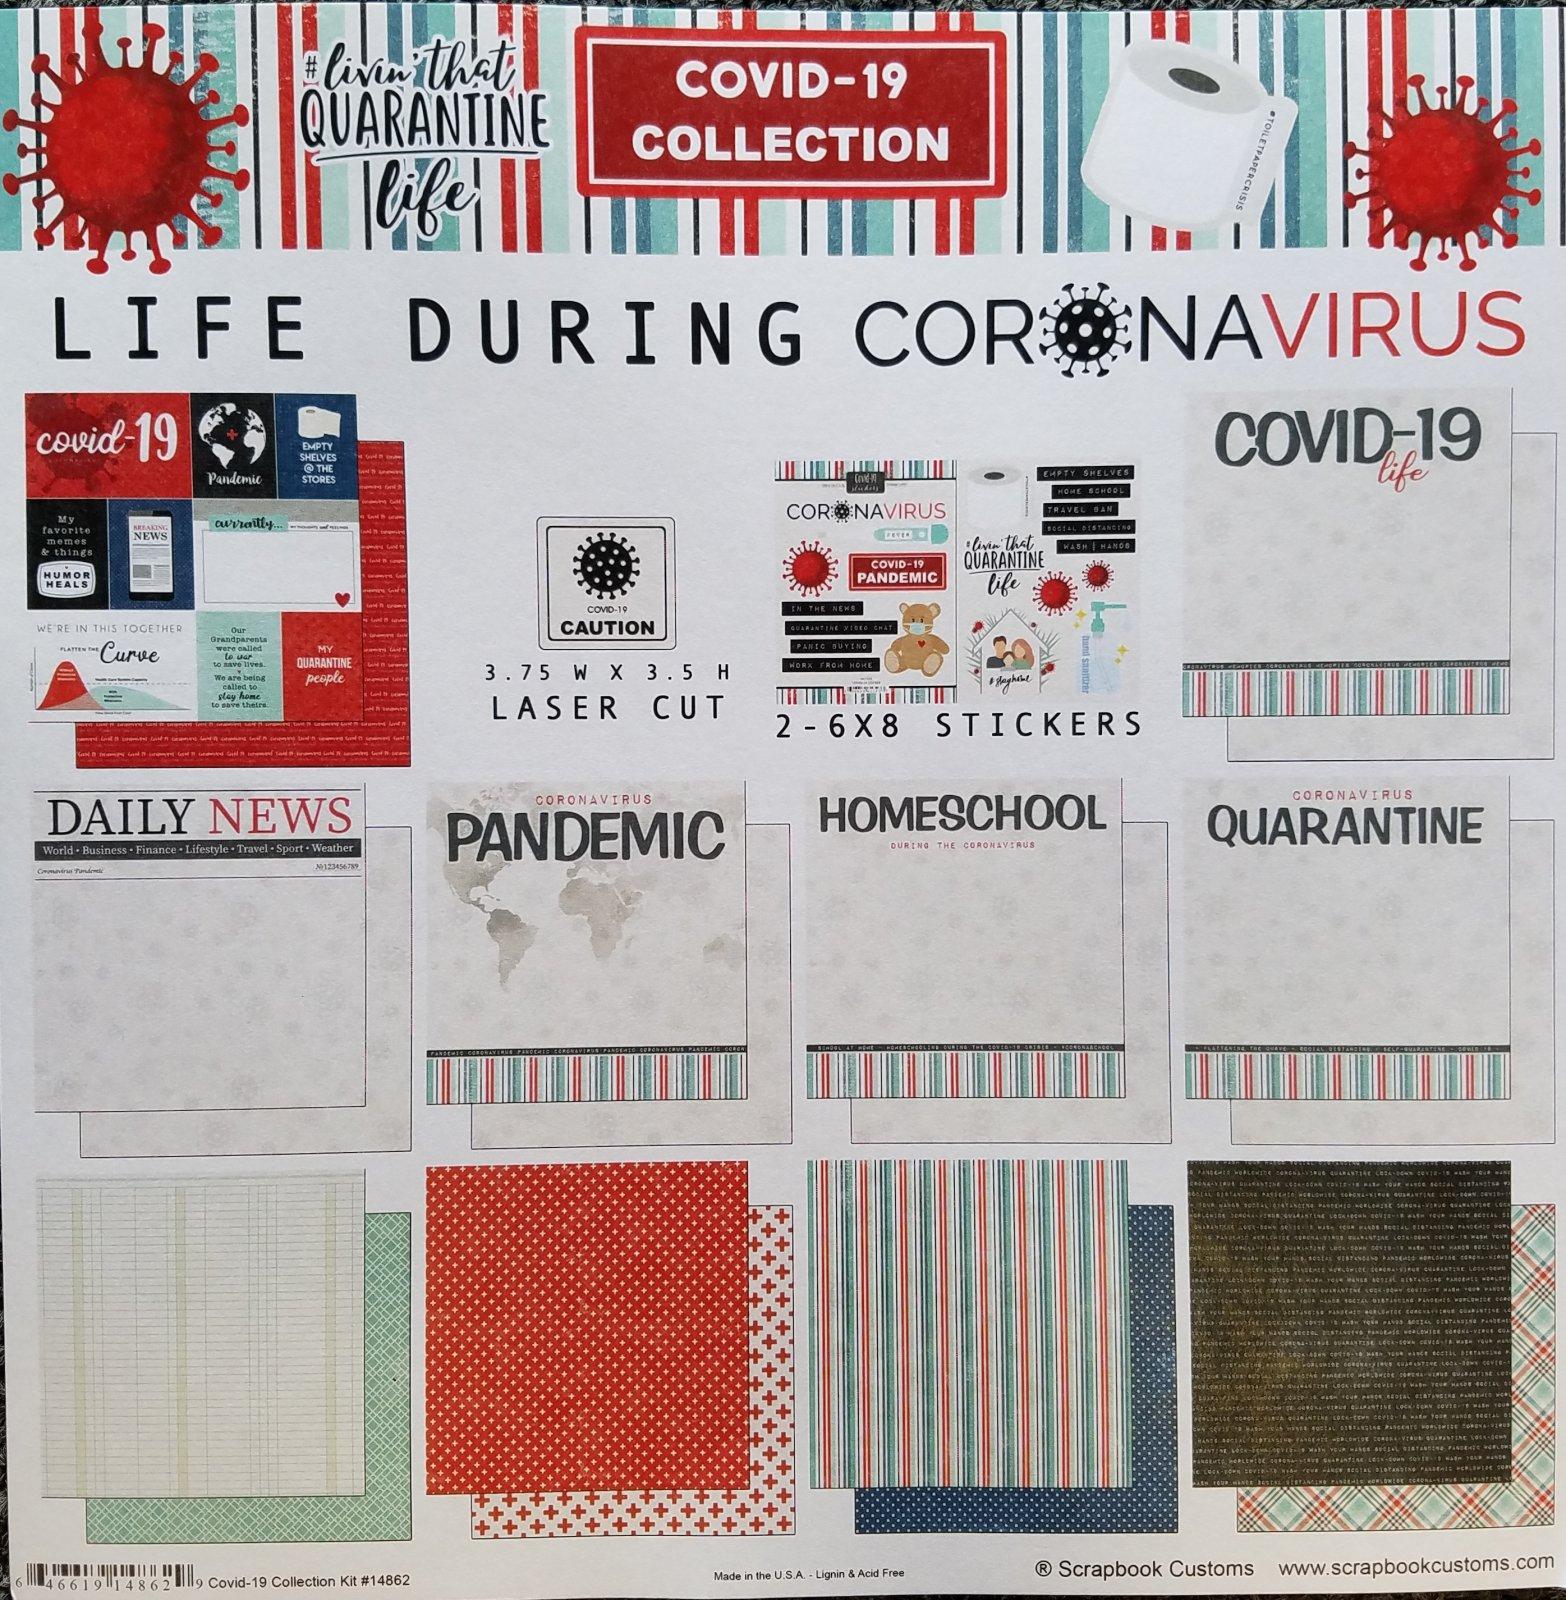 Life During Coronavirus Kit